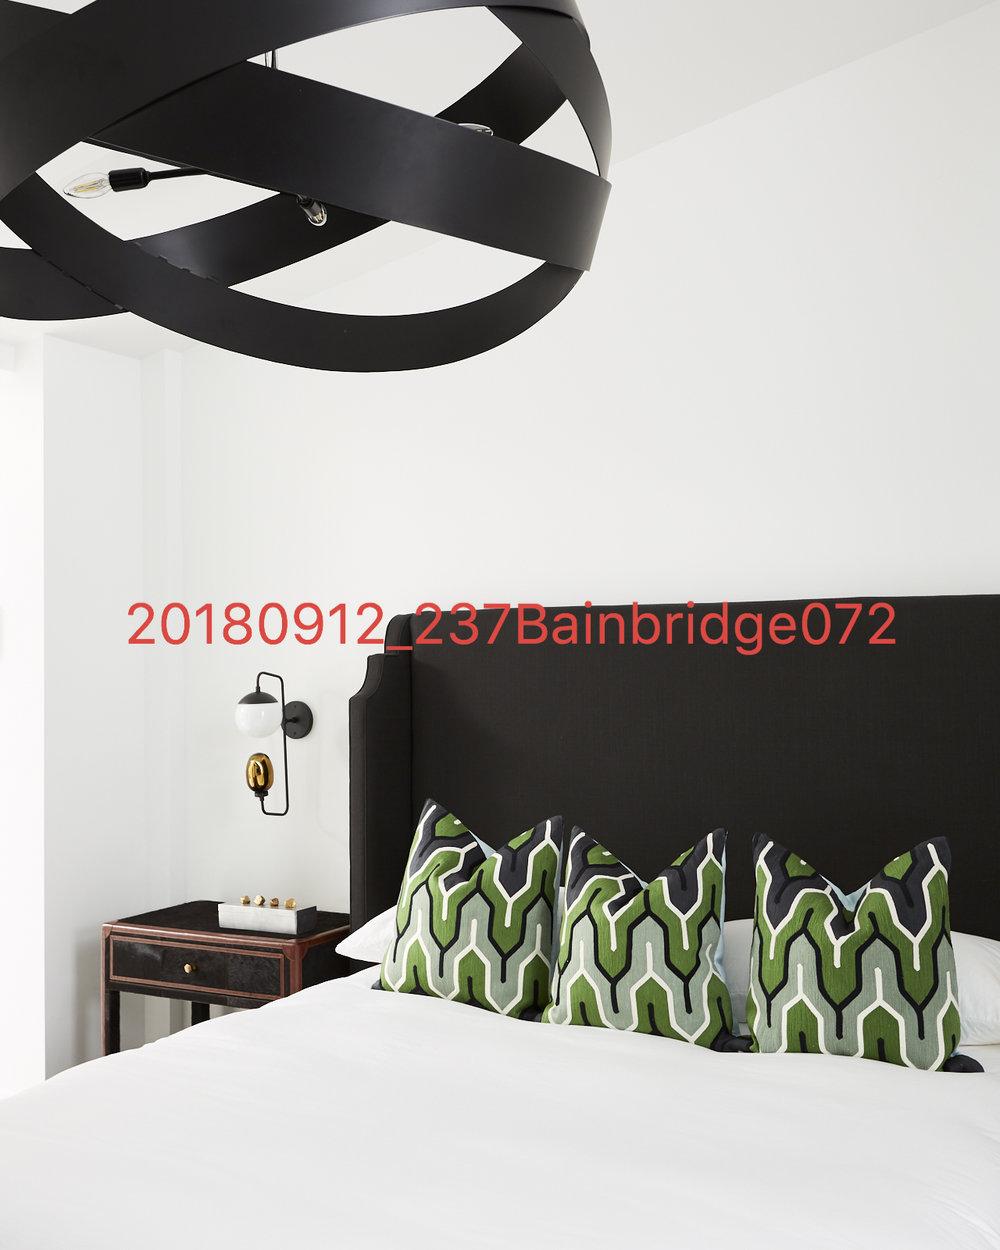 Bainbridge Sample_Web Gallery_152.jpg